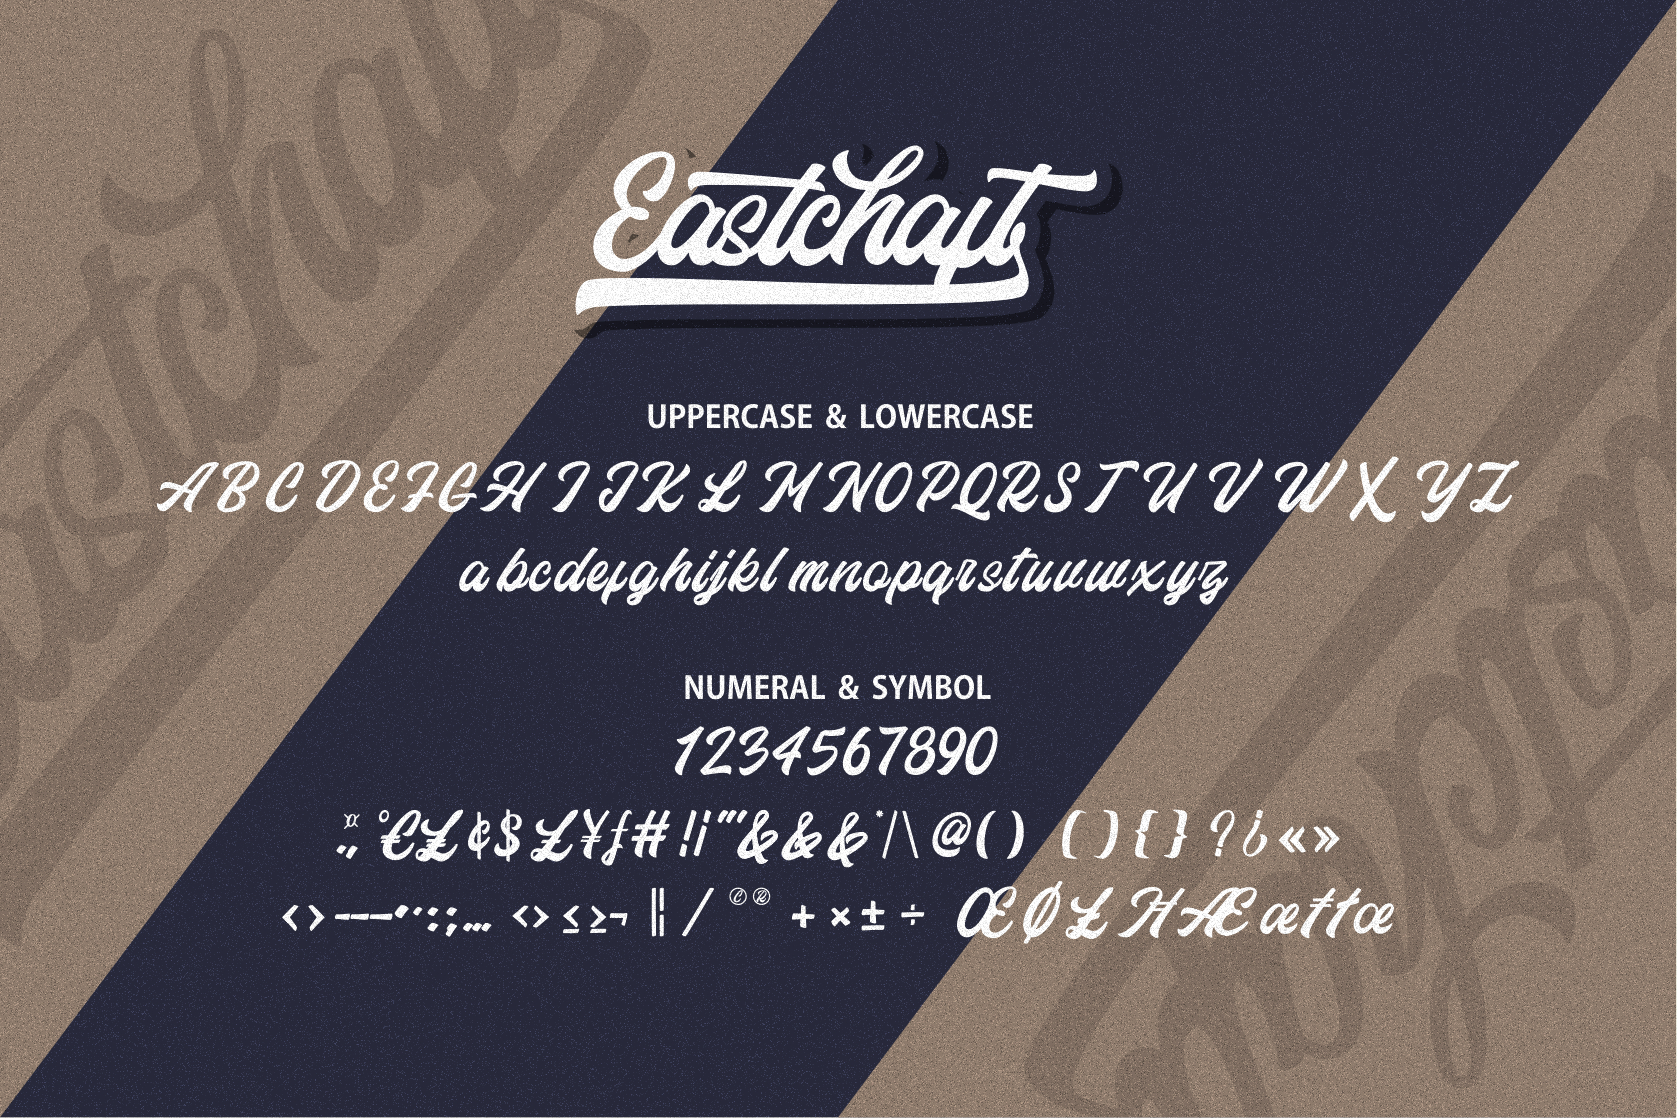 Eastchaft - Script Font example image 11